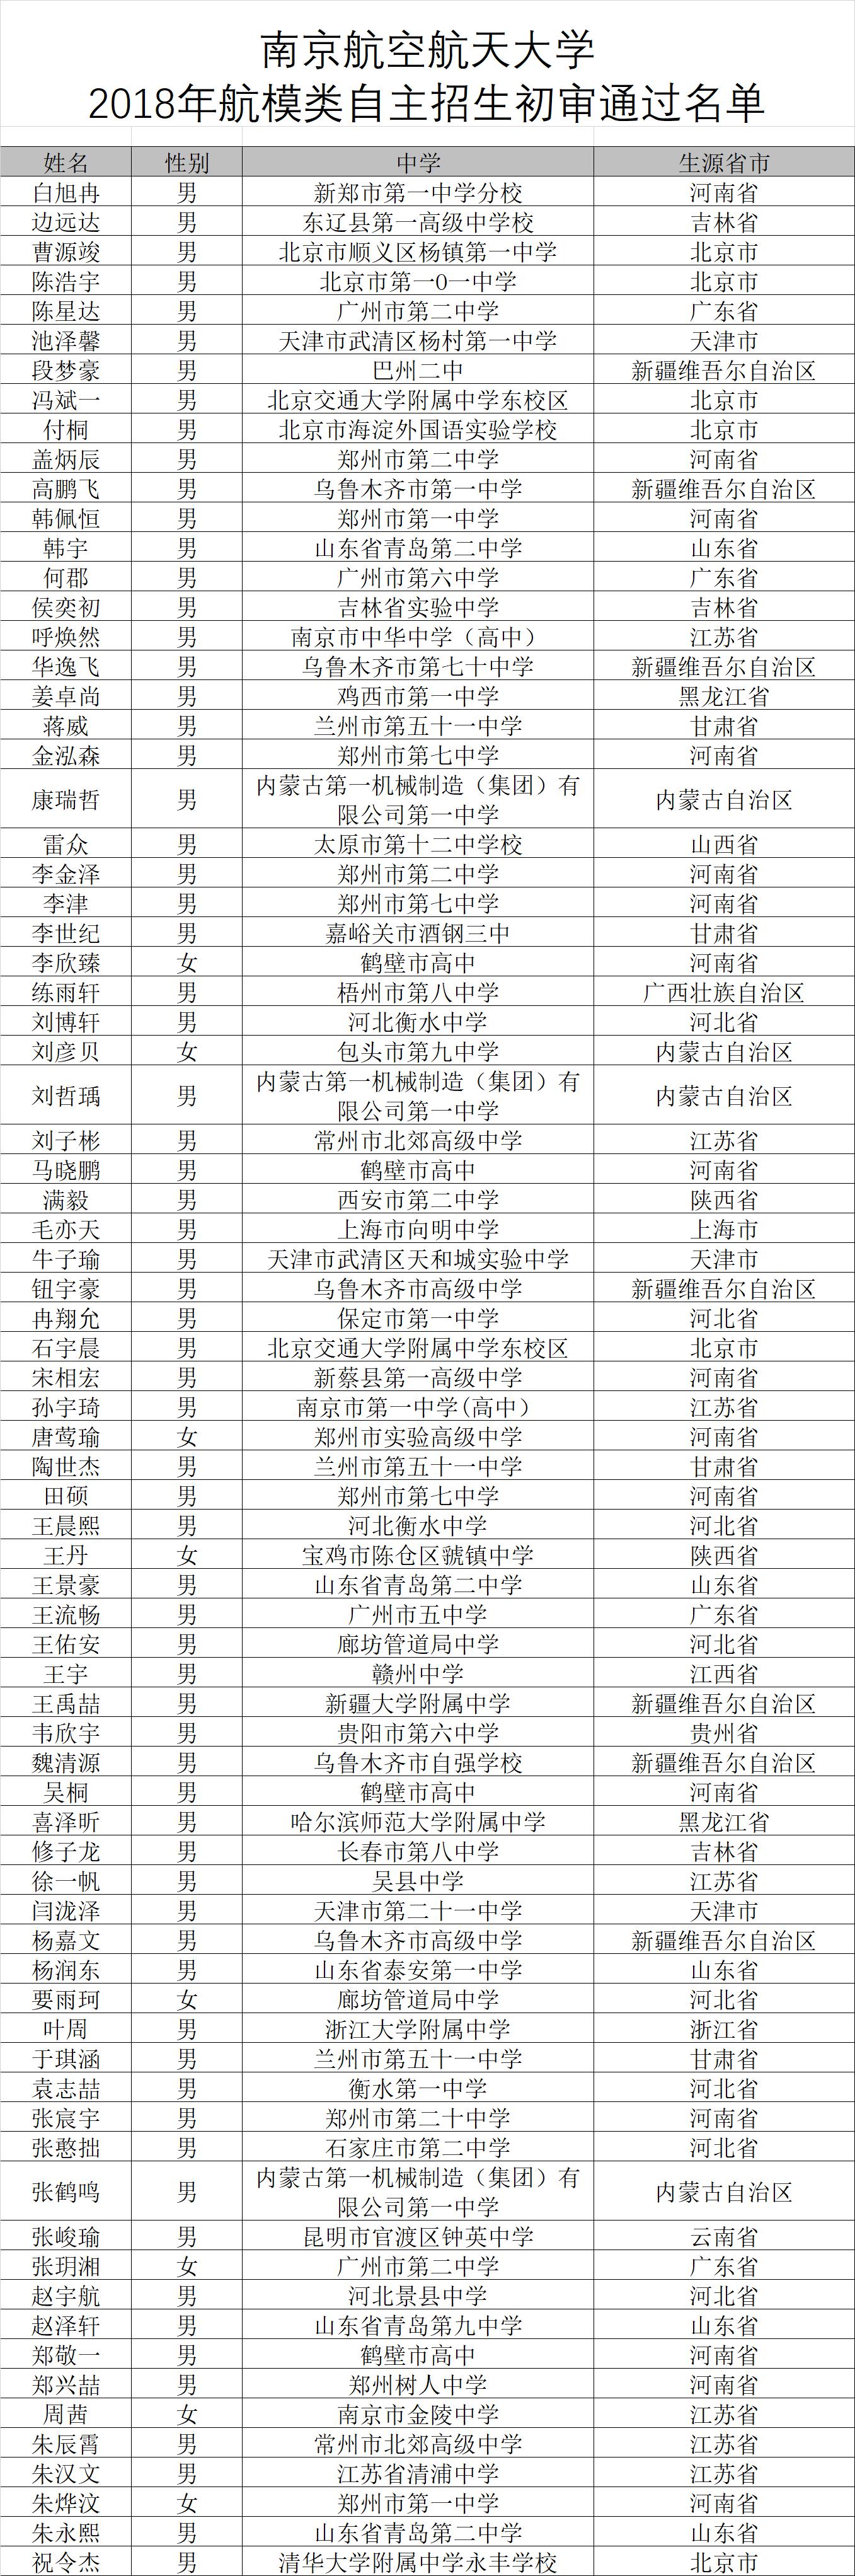 南京航空航天大学2018年自主招生初审结果查询,初审通过名单整理